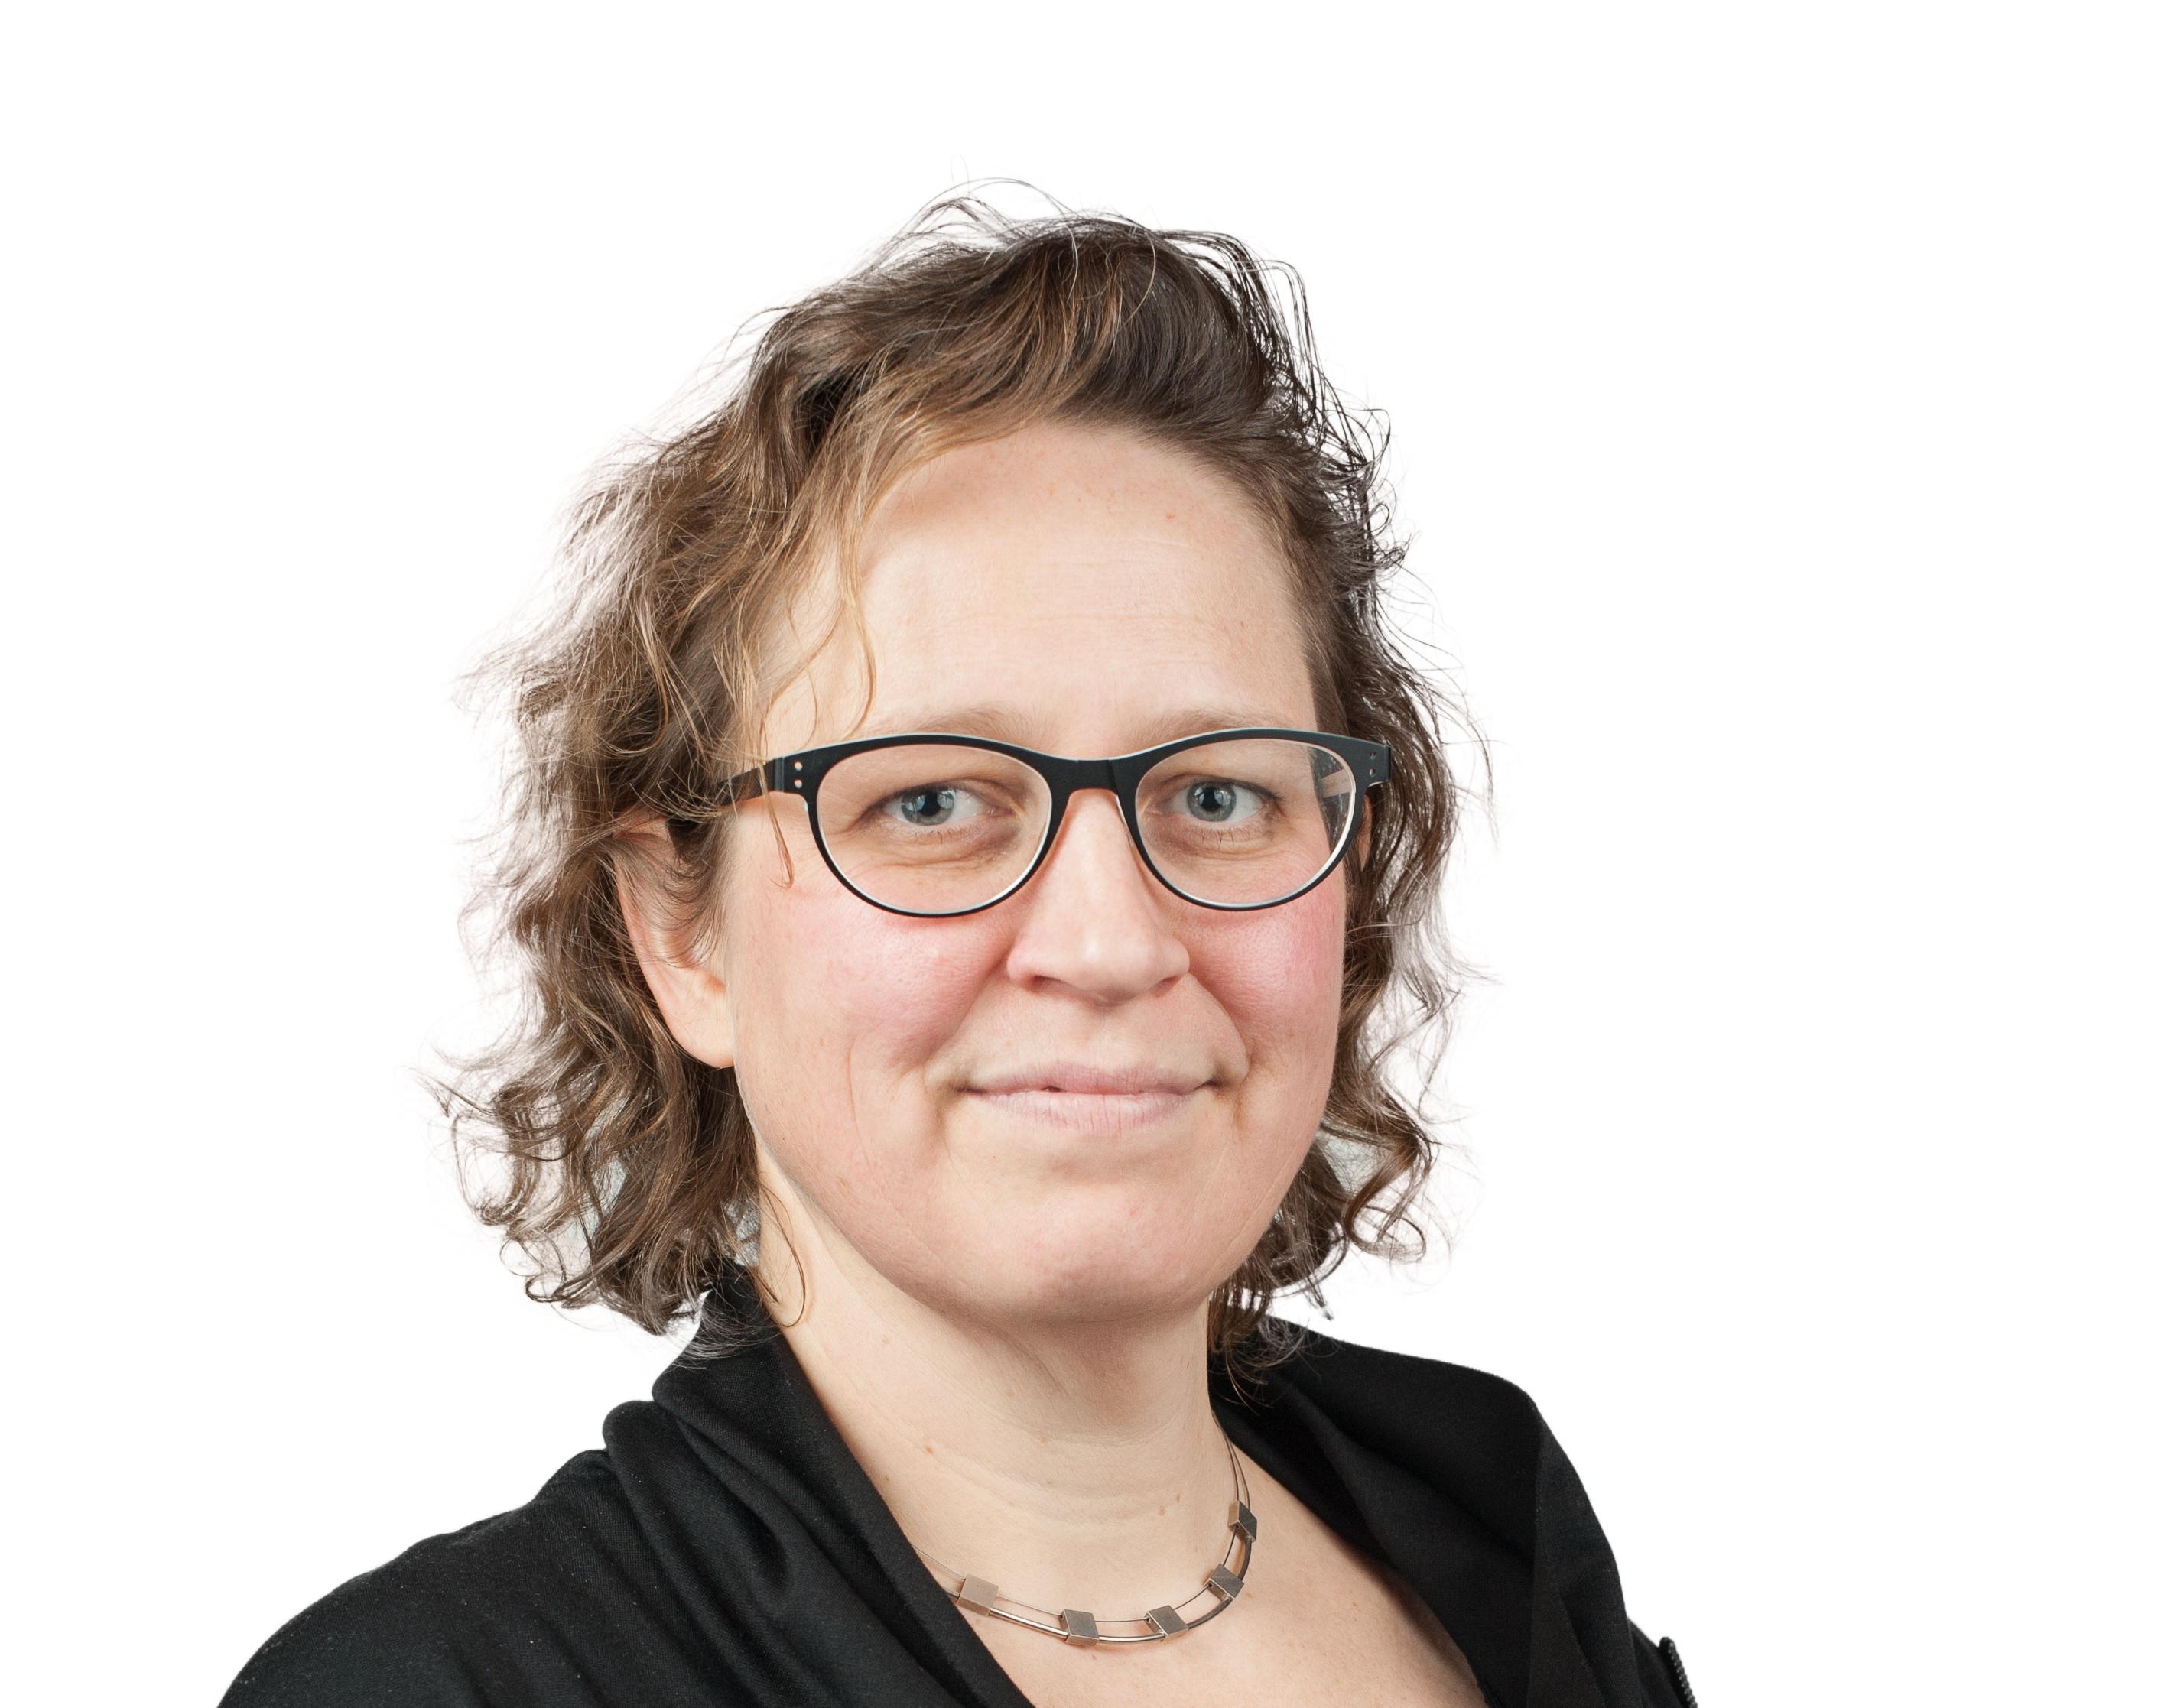 Anneke Dunning